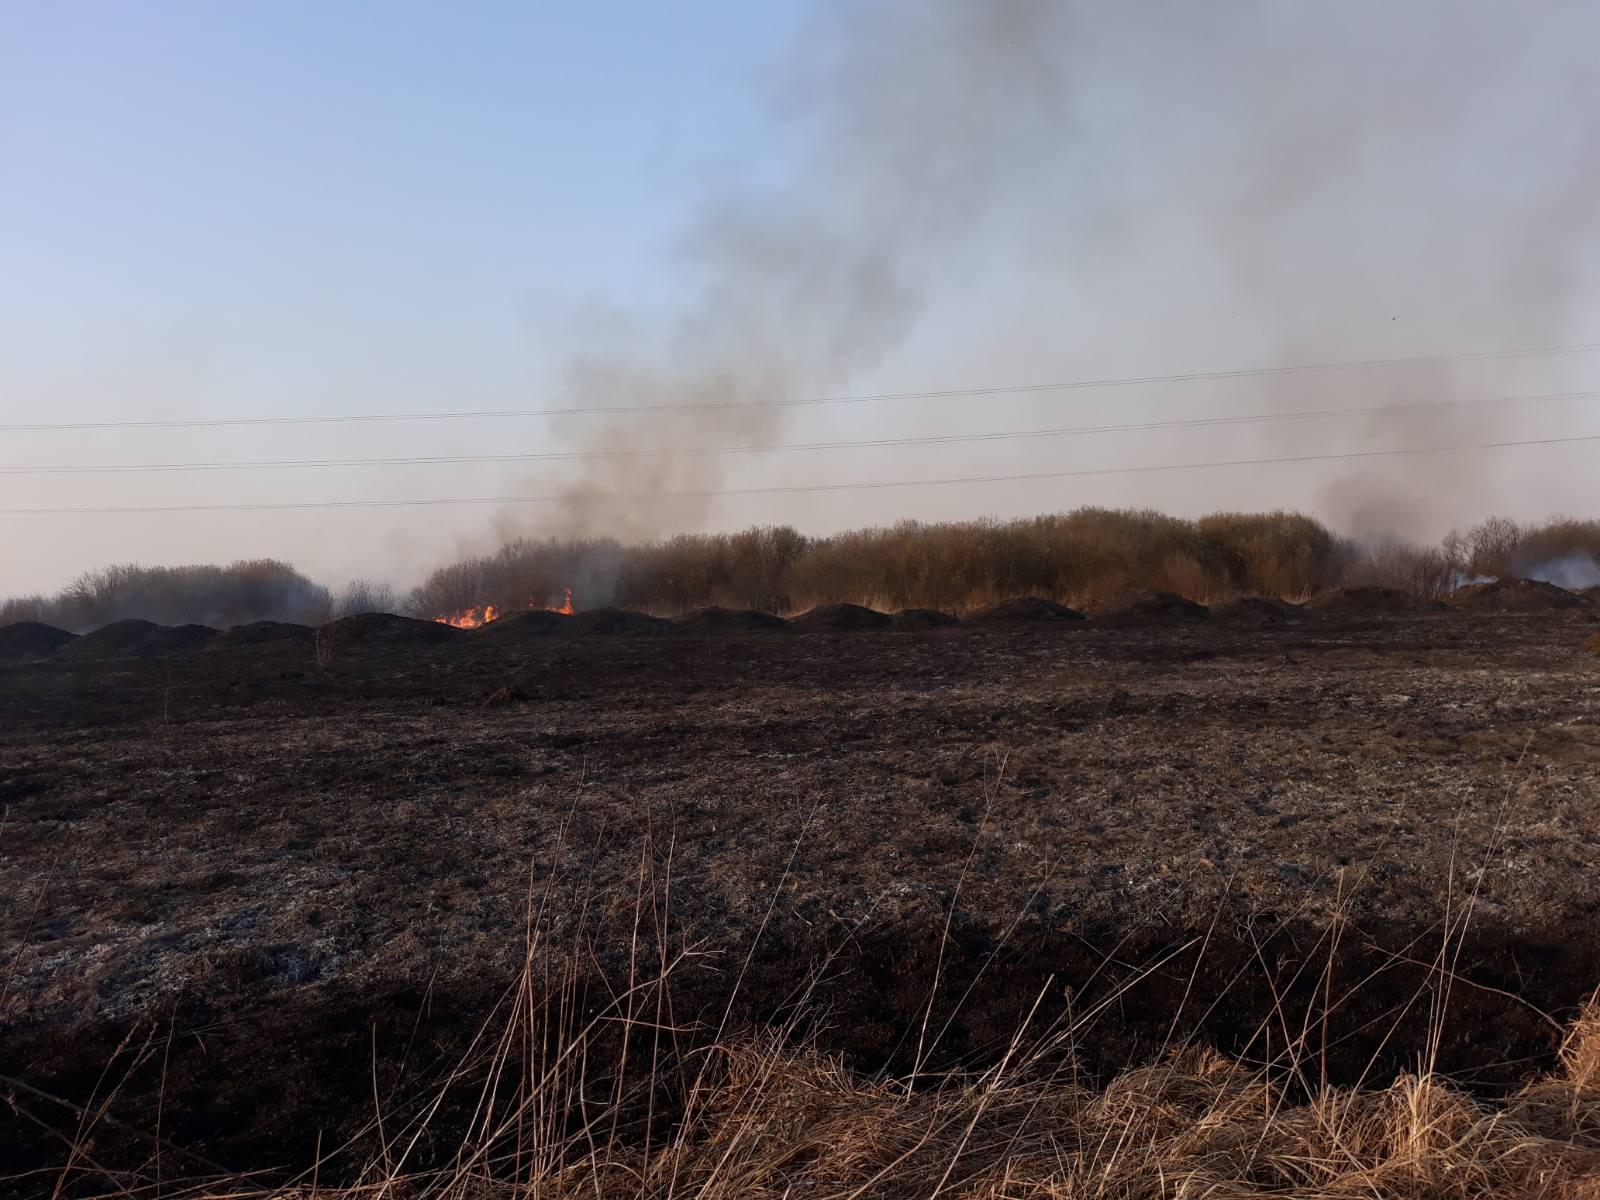 7 квітня на Броварщині зафіксовано п'ять пожеж в екосистемах -  - yzobrazhenye viber 2020 04 07 23 39 26